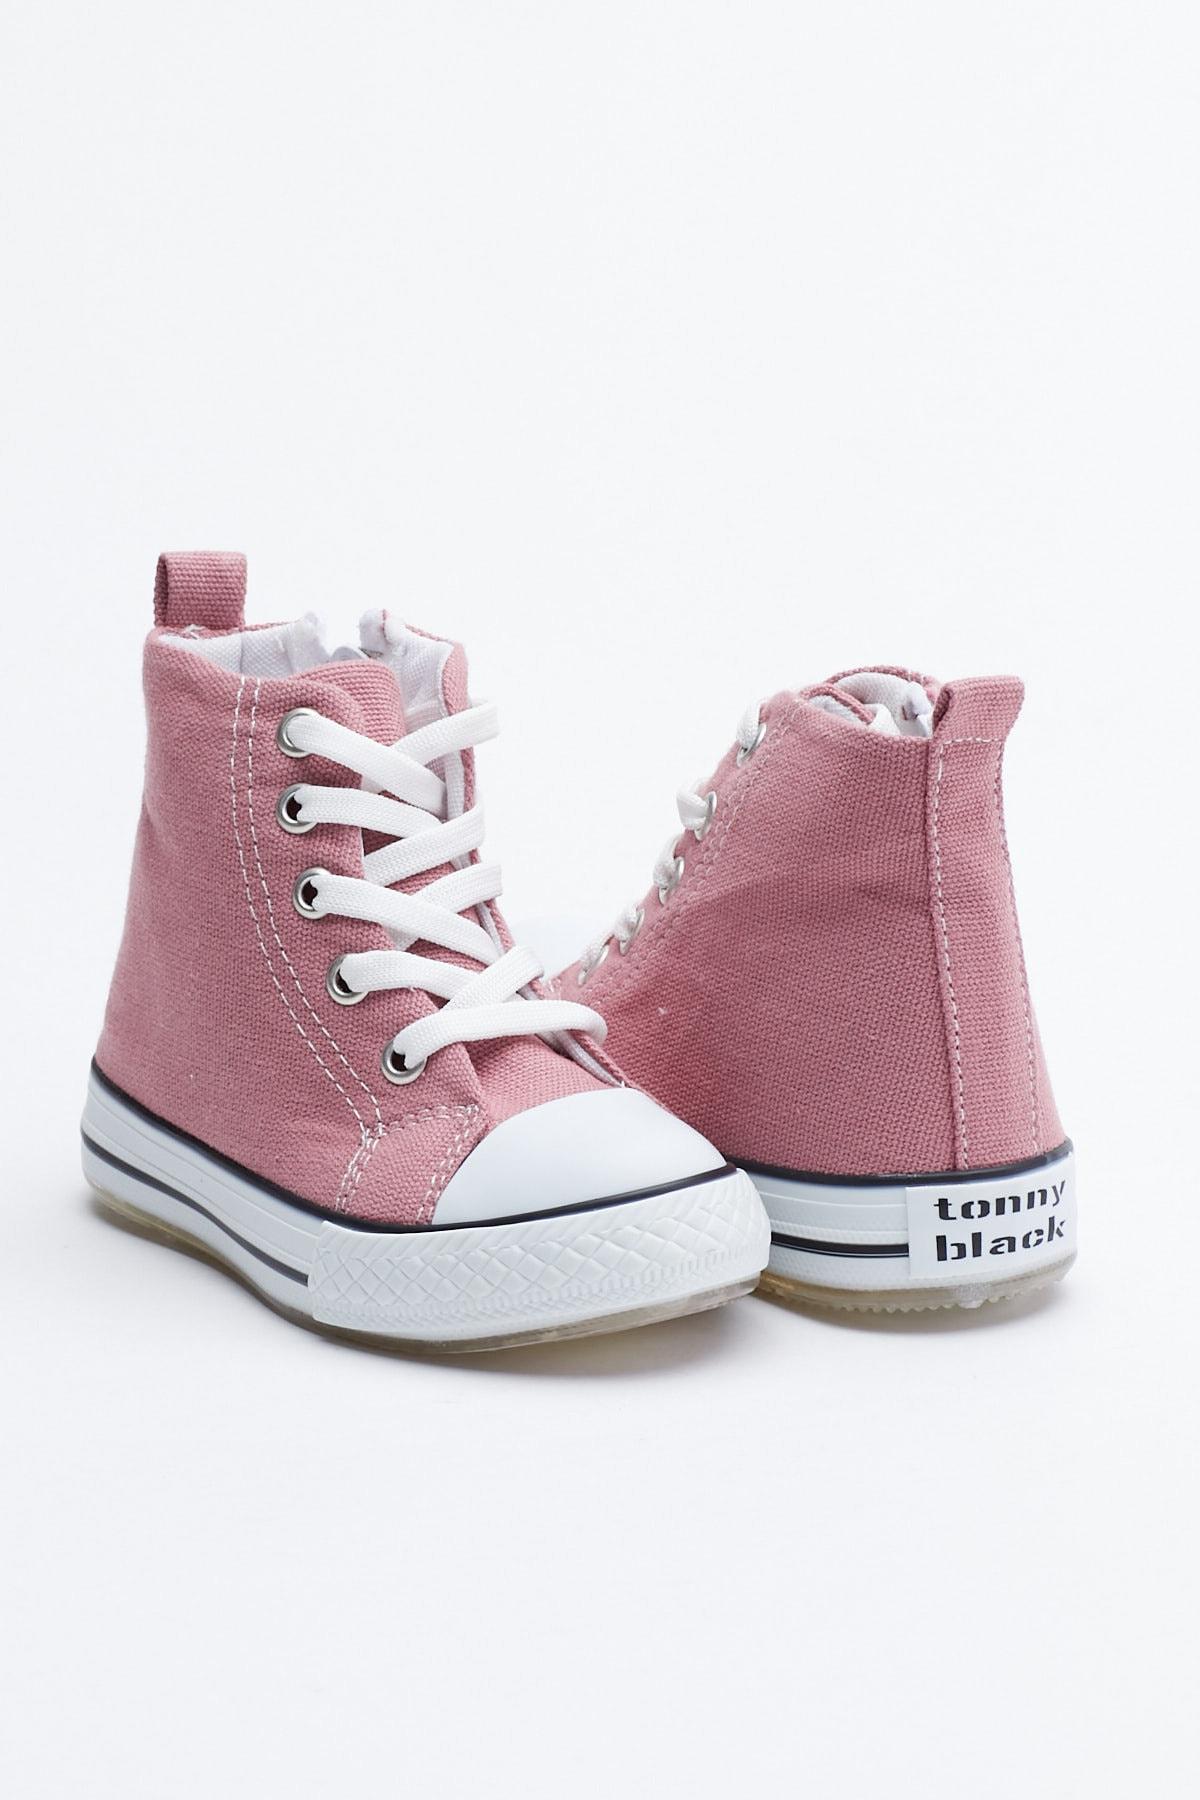 Tonny Black Mor Çocuk Spor Ayakkabı Uzun Tb999 1